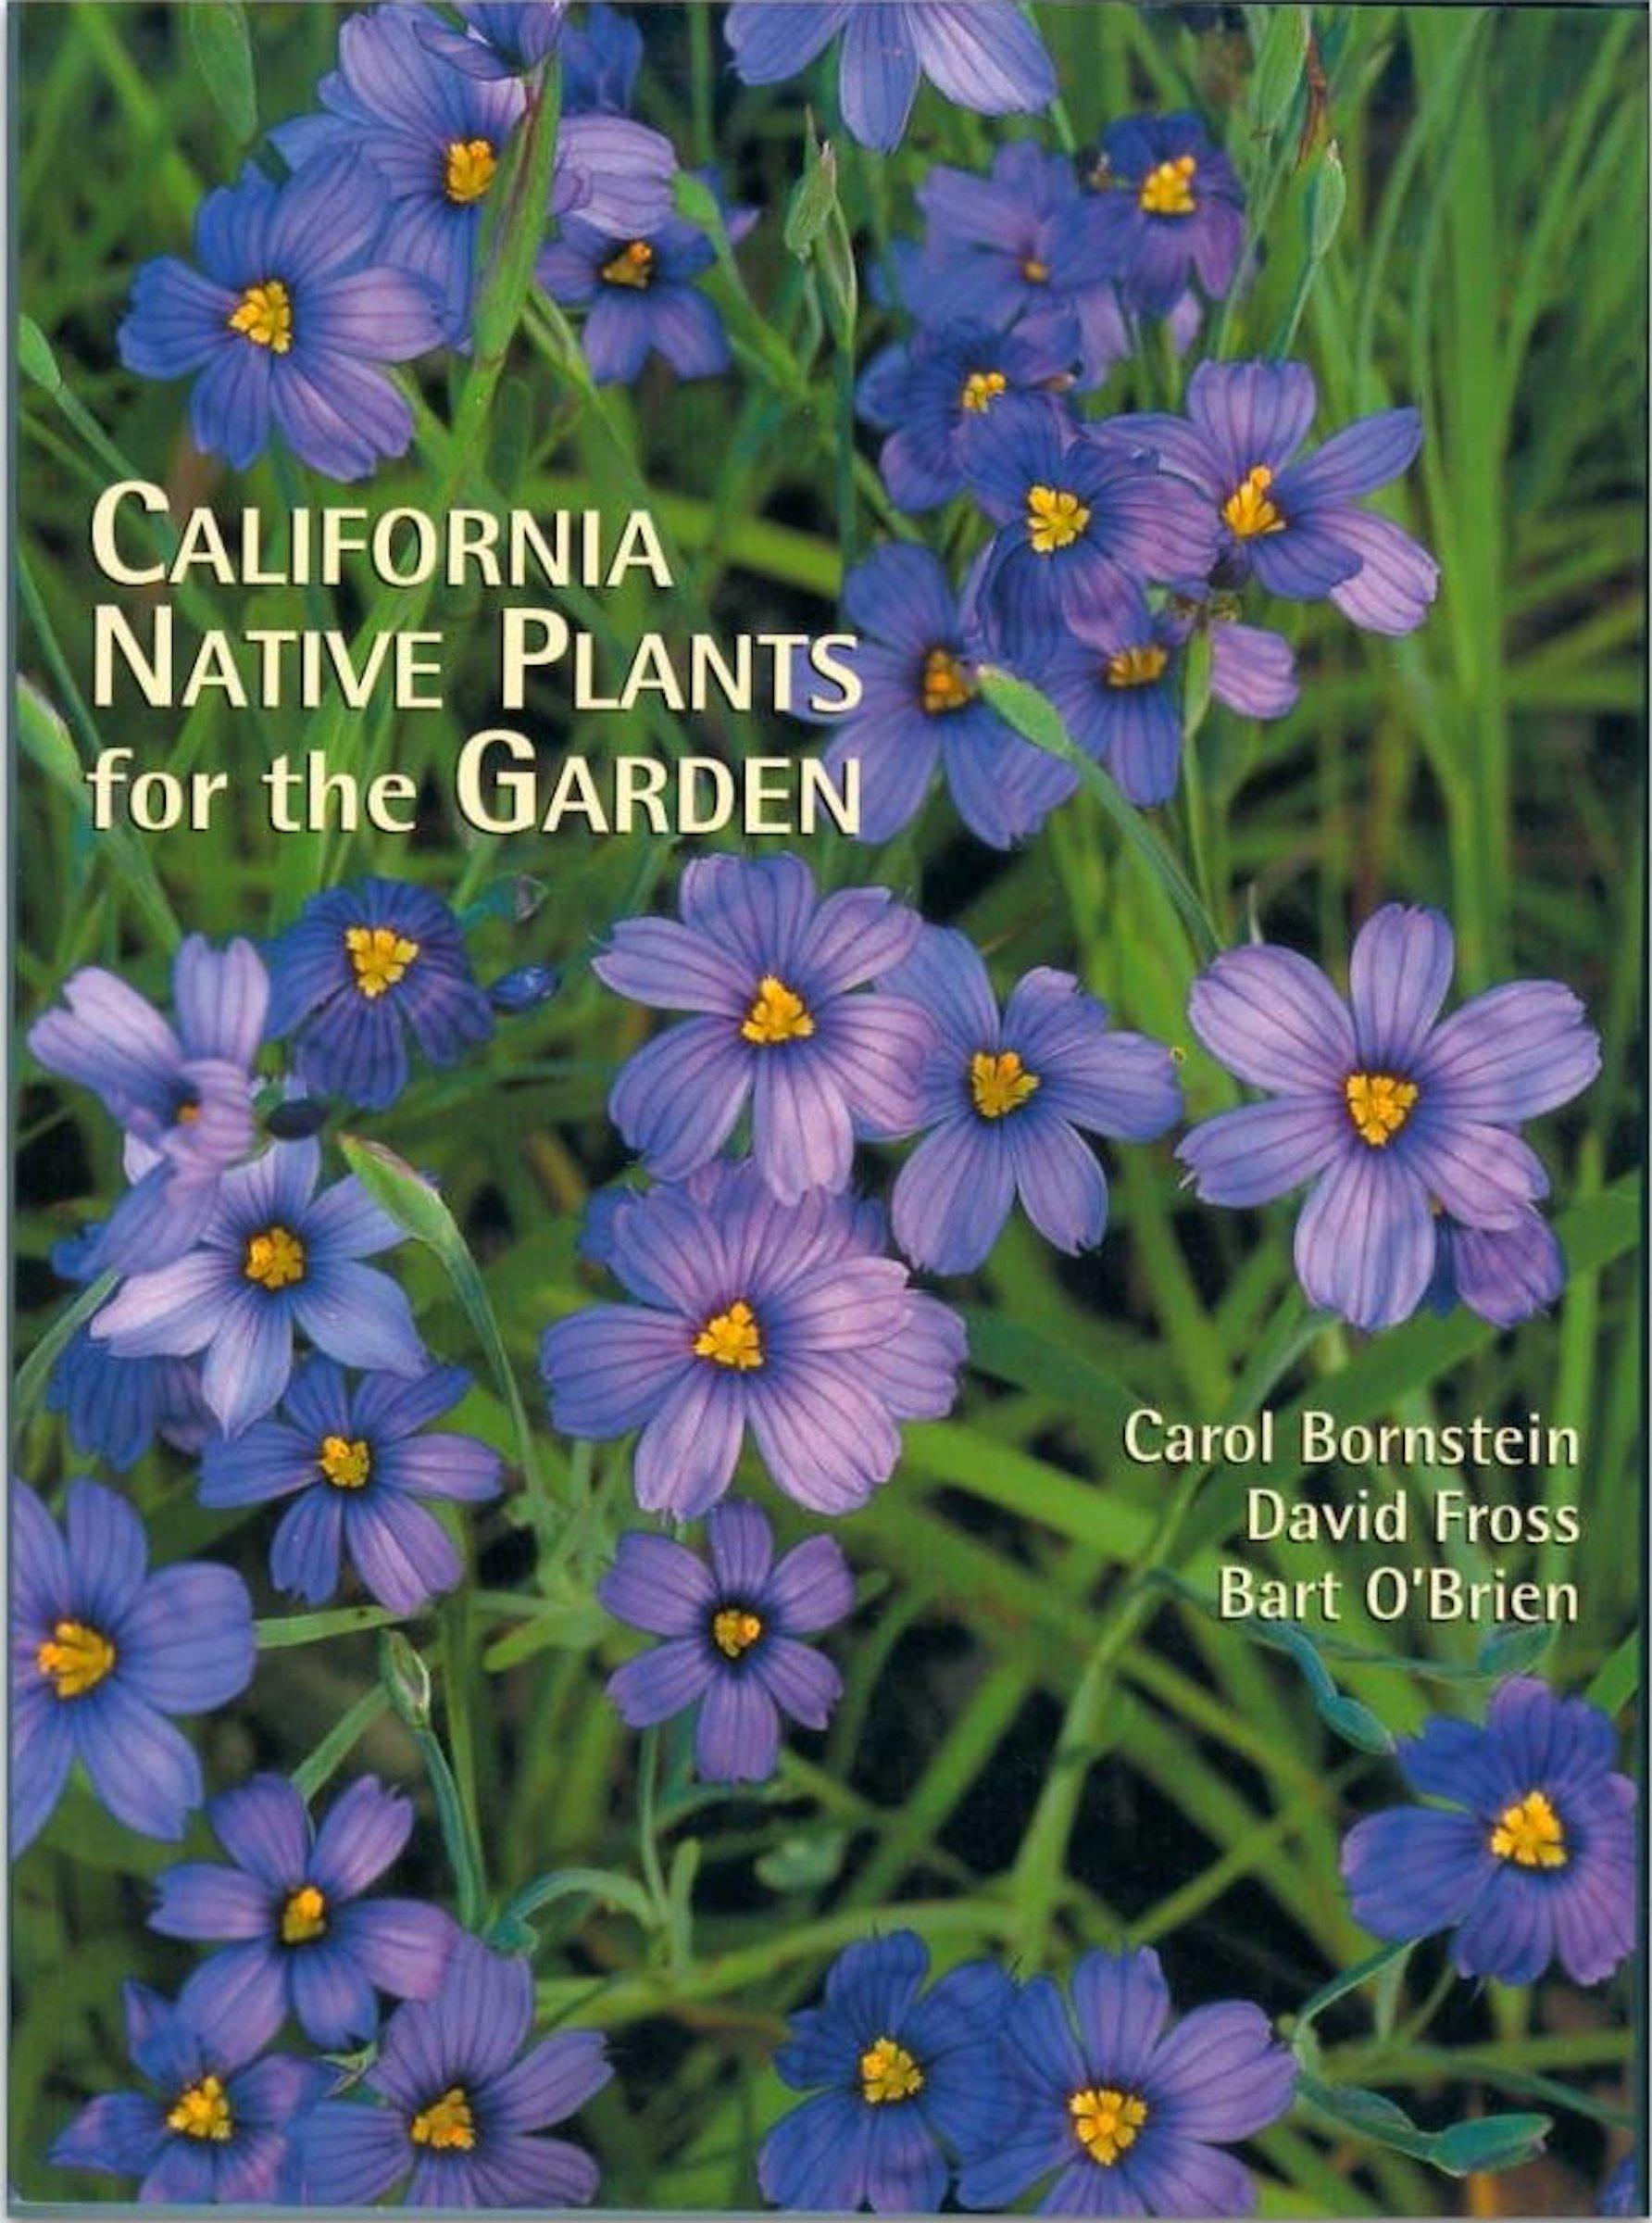 California Native Plants for the Garden - Book -